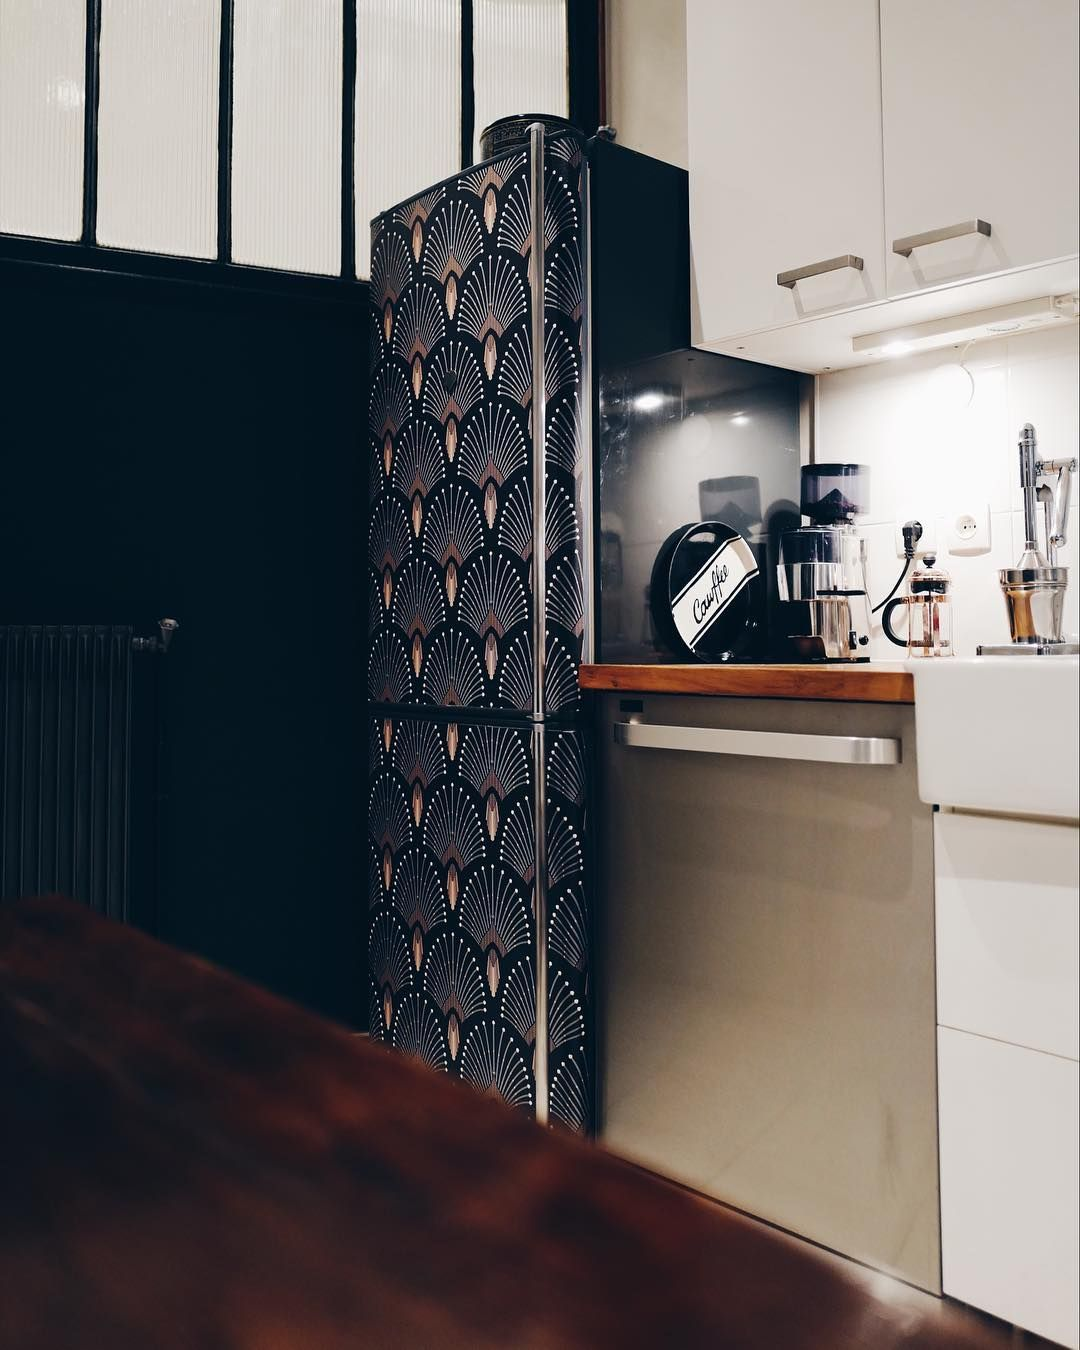 cuisine dans appartement parisien relooking de frigo avec un papier peint vanessa pouzet. Black Bedroom Furniture Sets. Home Design Ideas